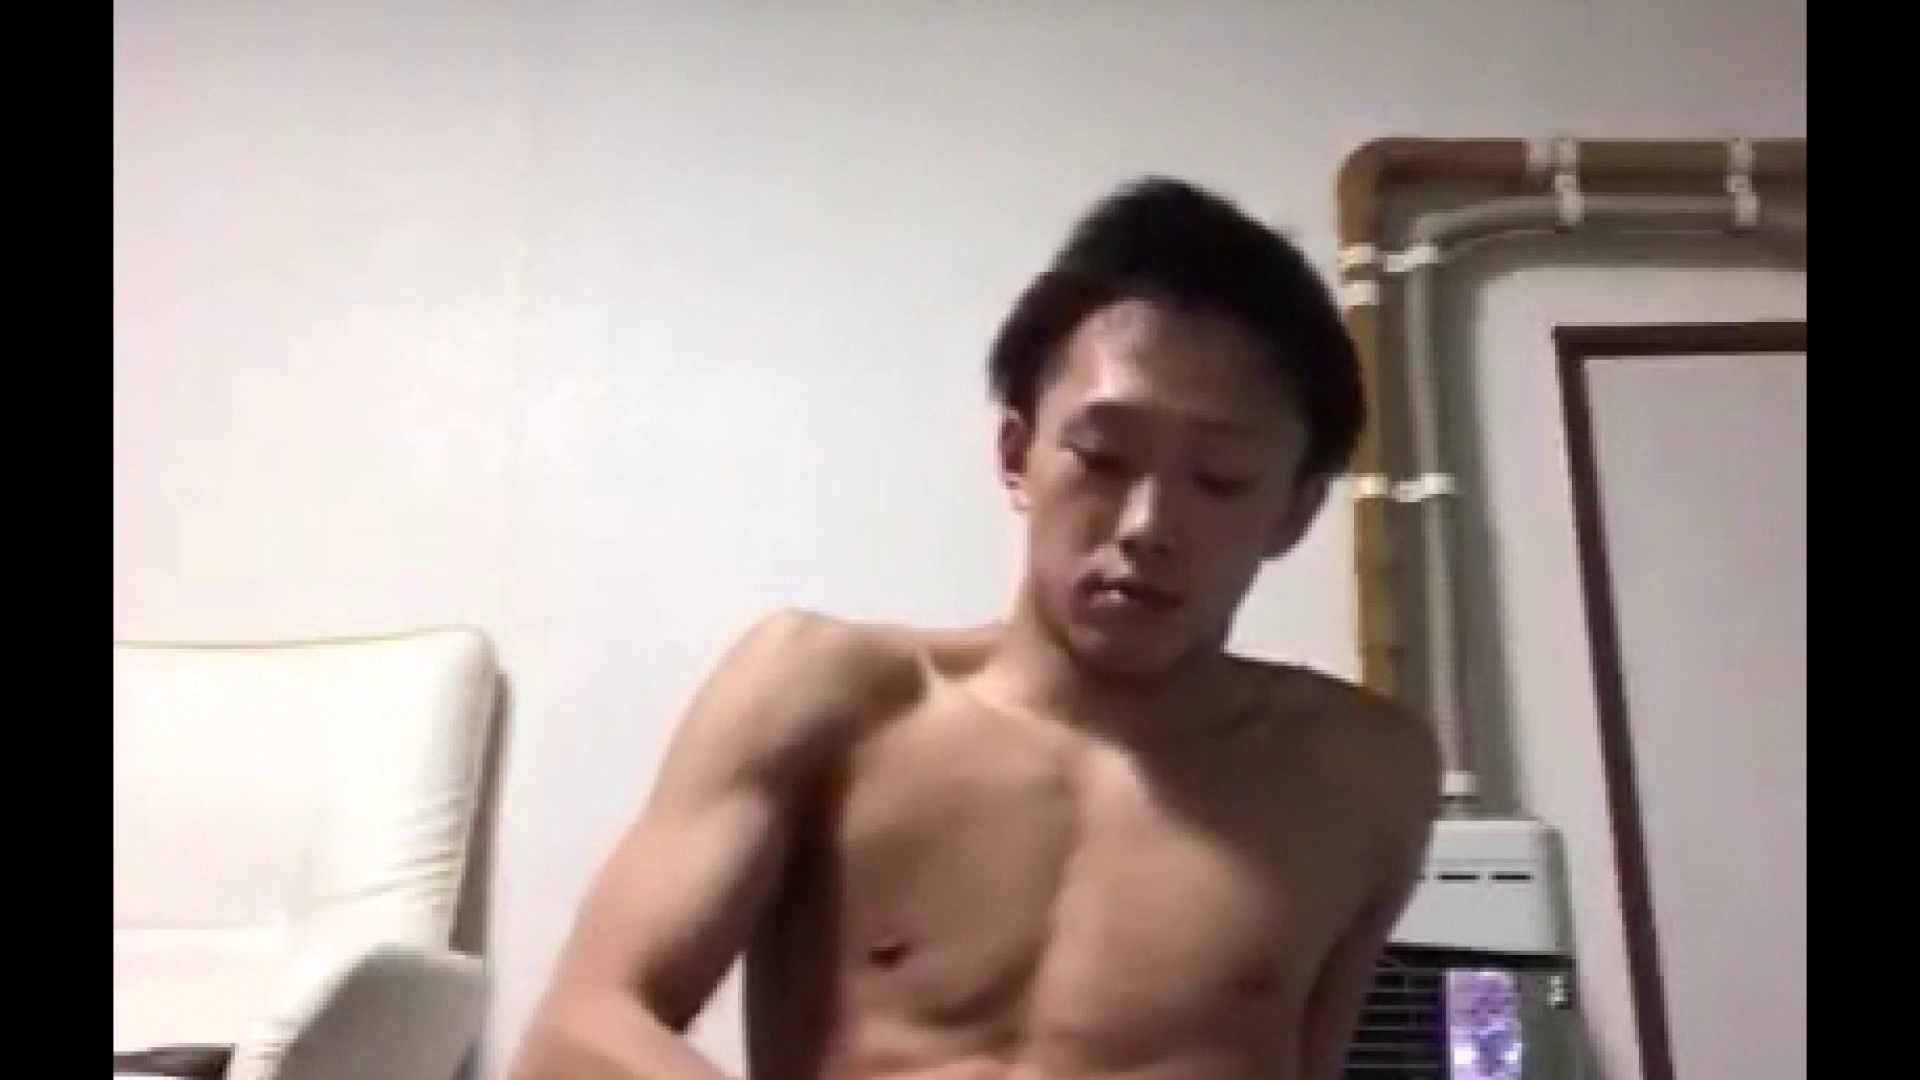 個人撮影 自慰の極意 Vol.50 オナニー ゲイ無修正動画画像 67pic 44